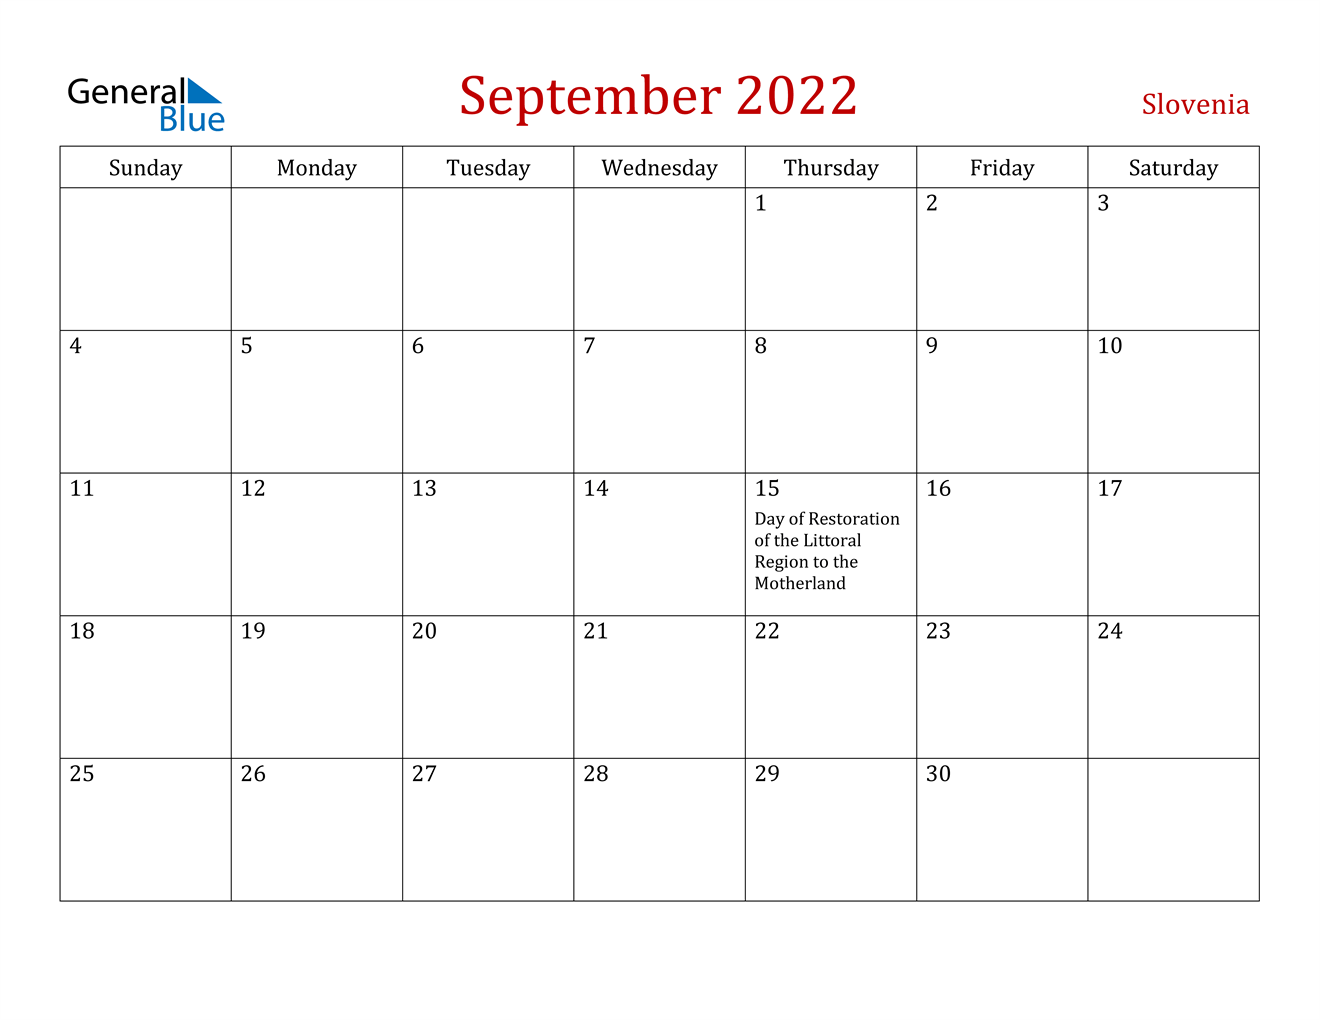 September 2022 Calendar - Slovenia